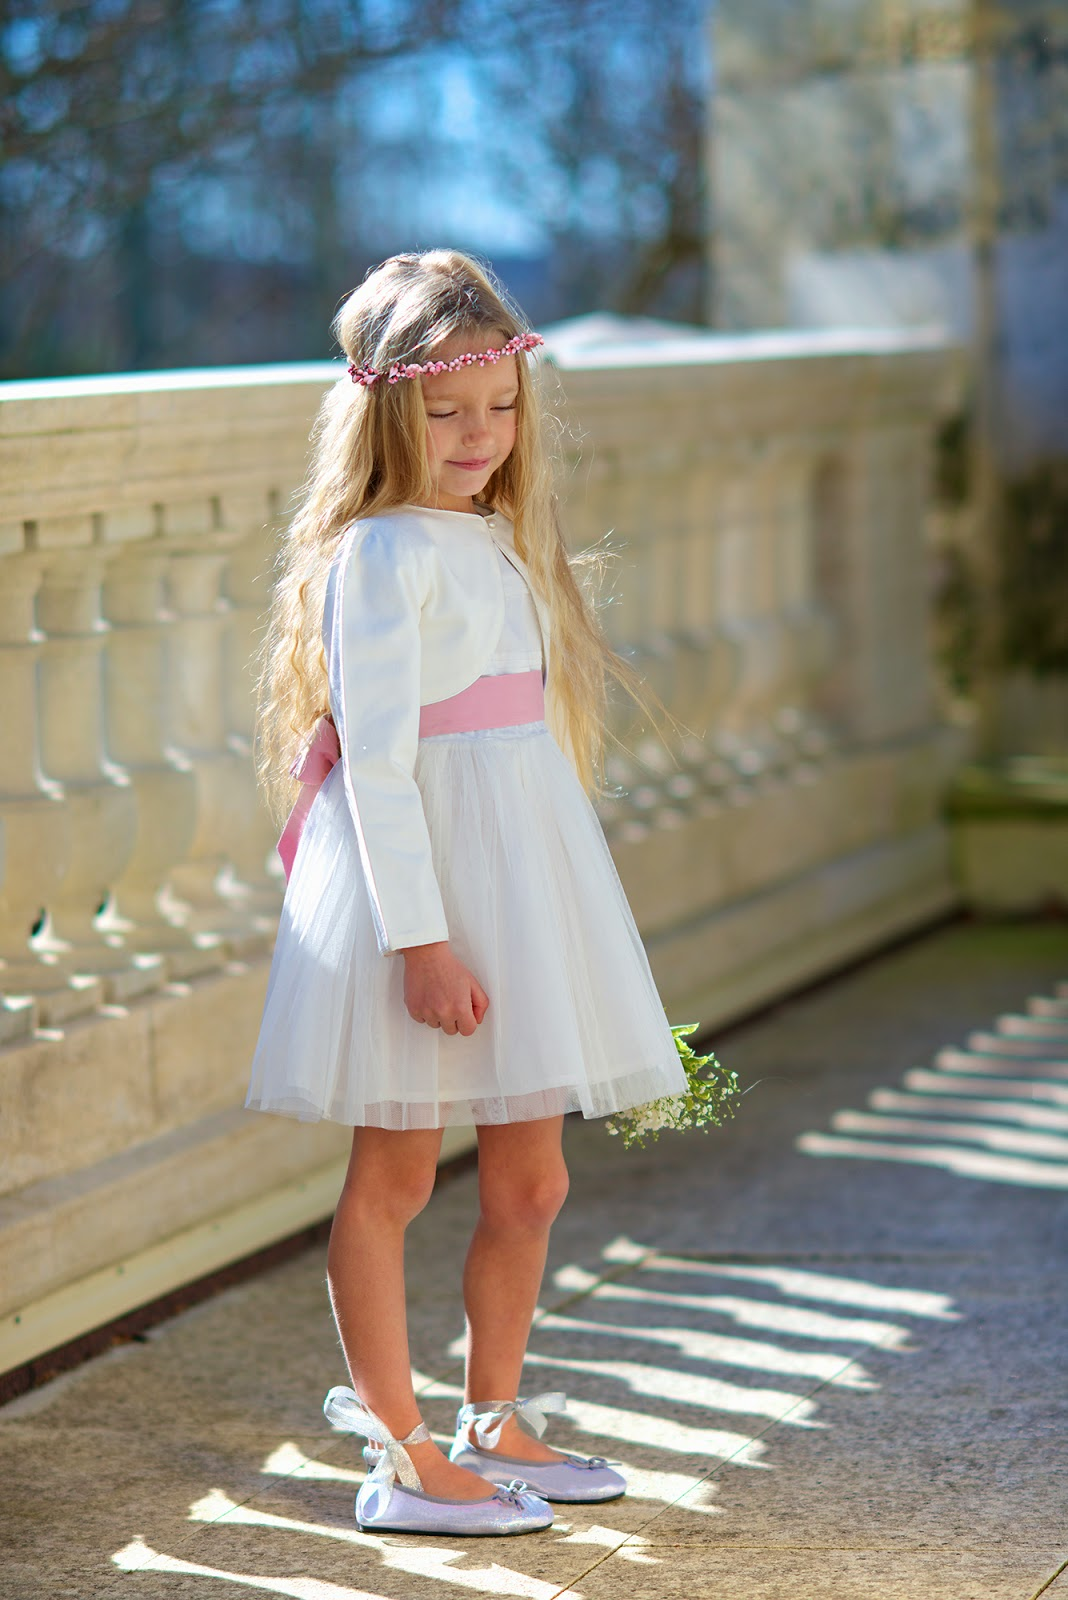 wedding spirit blog mariage les petits inclassables cortèges enfants d'honneur tenue d'enfant retro chic élégant couleur poudrée